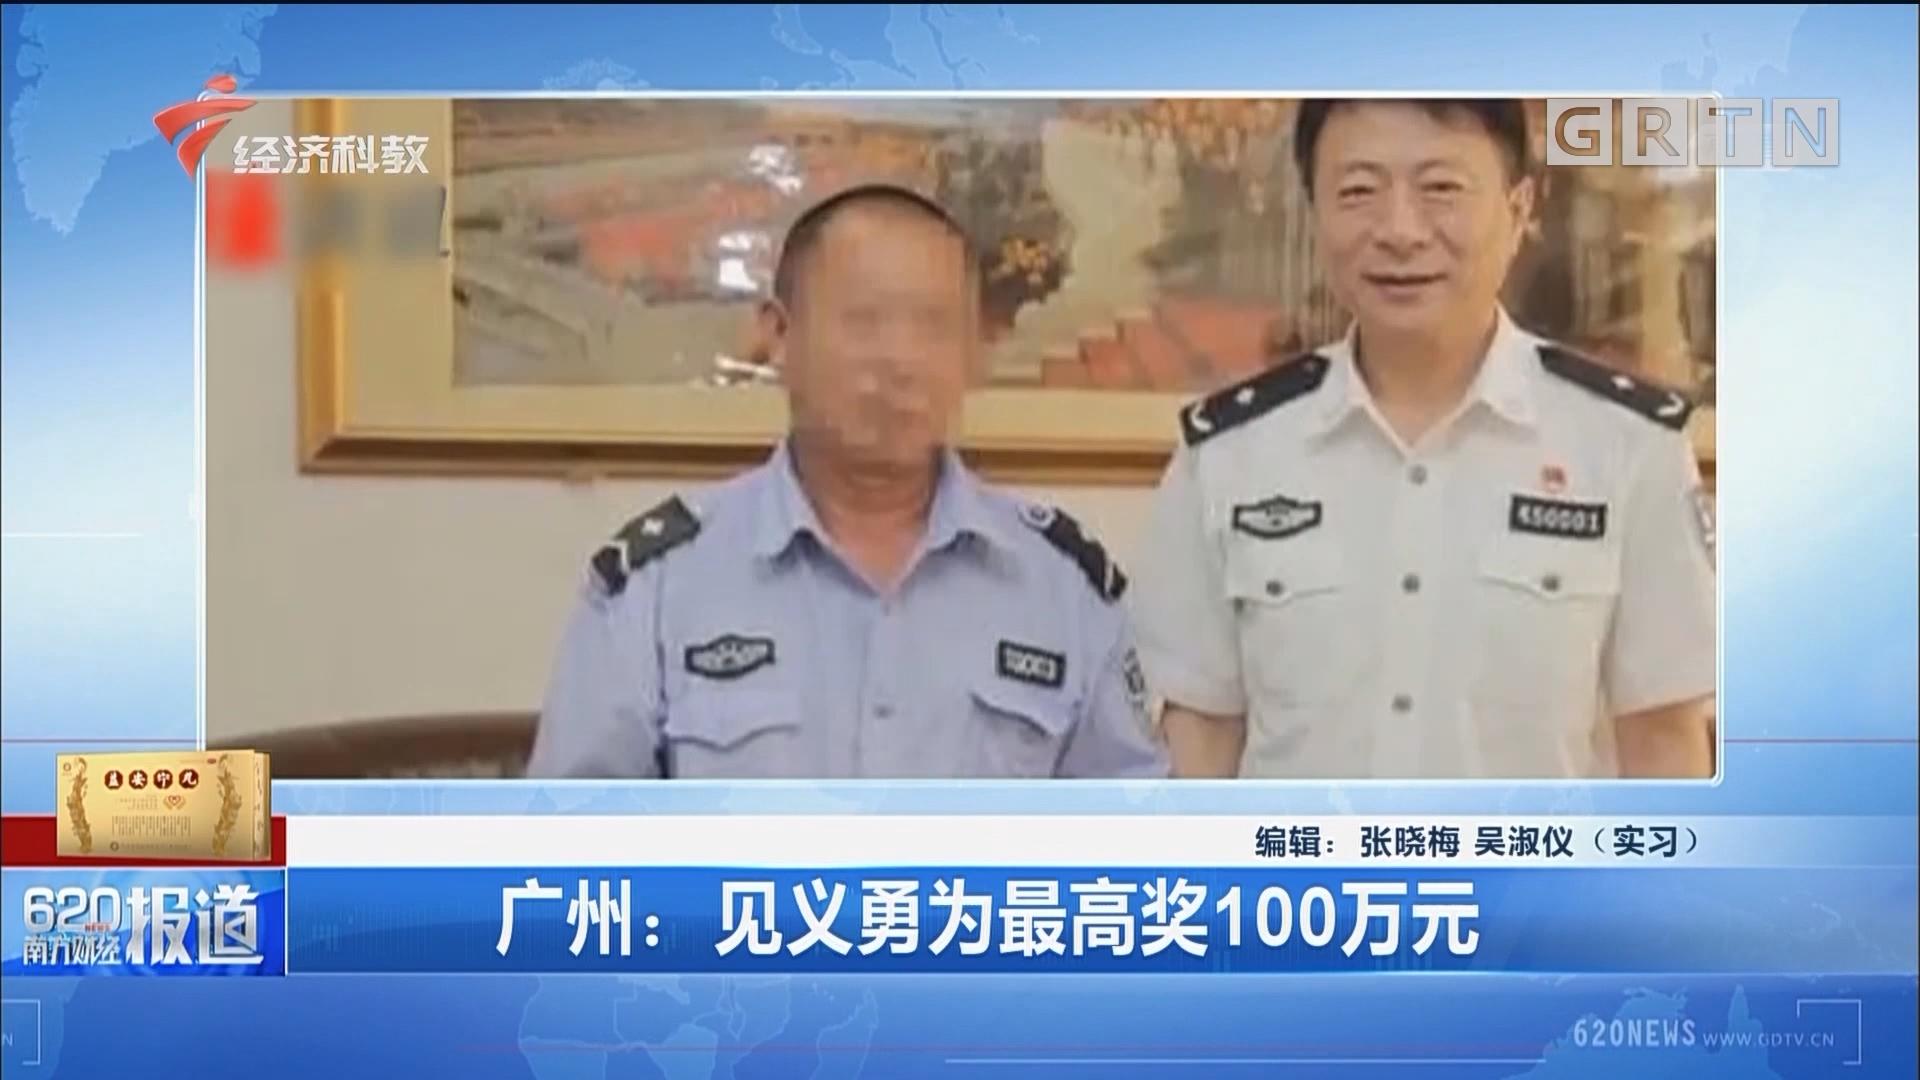 广州:见义勇为最高奖100万元